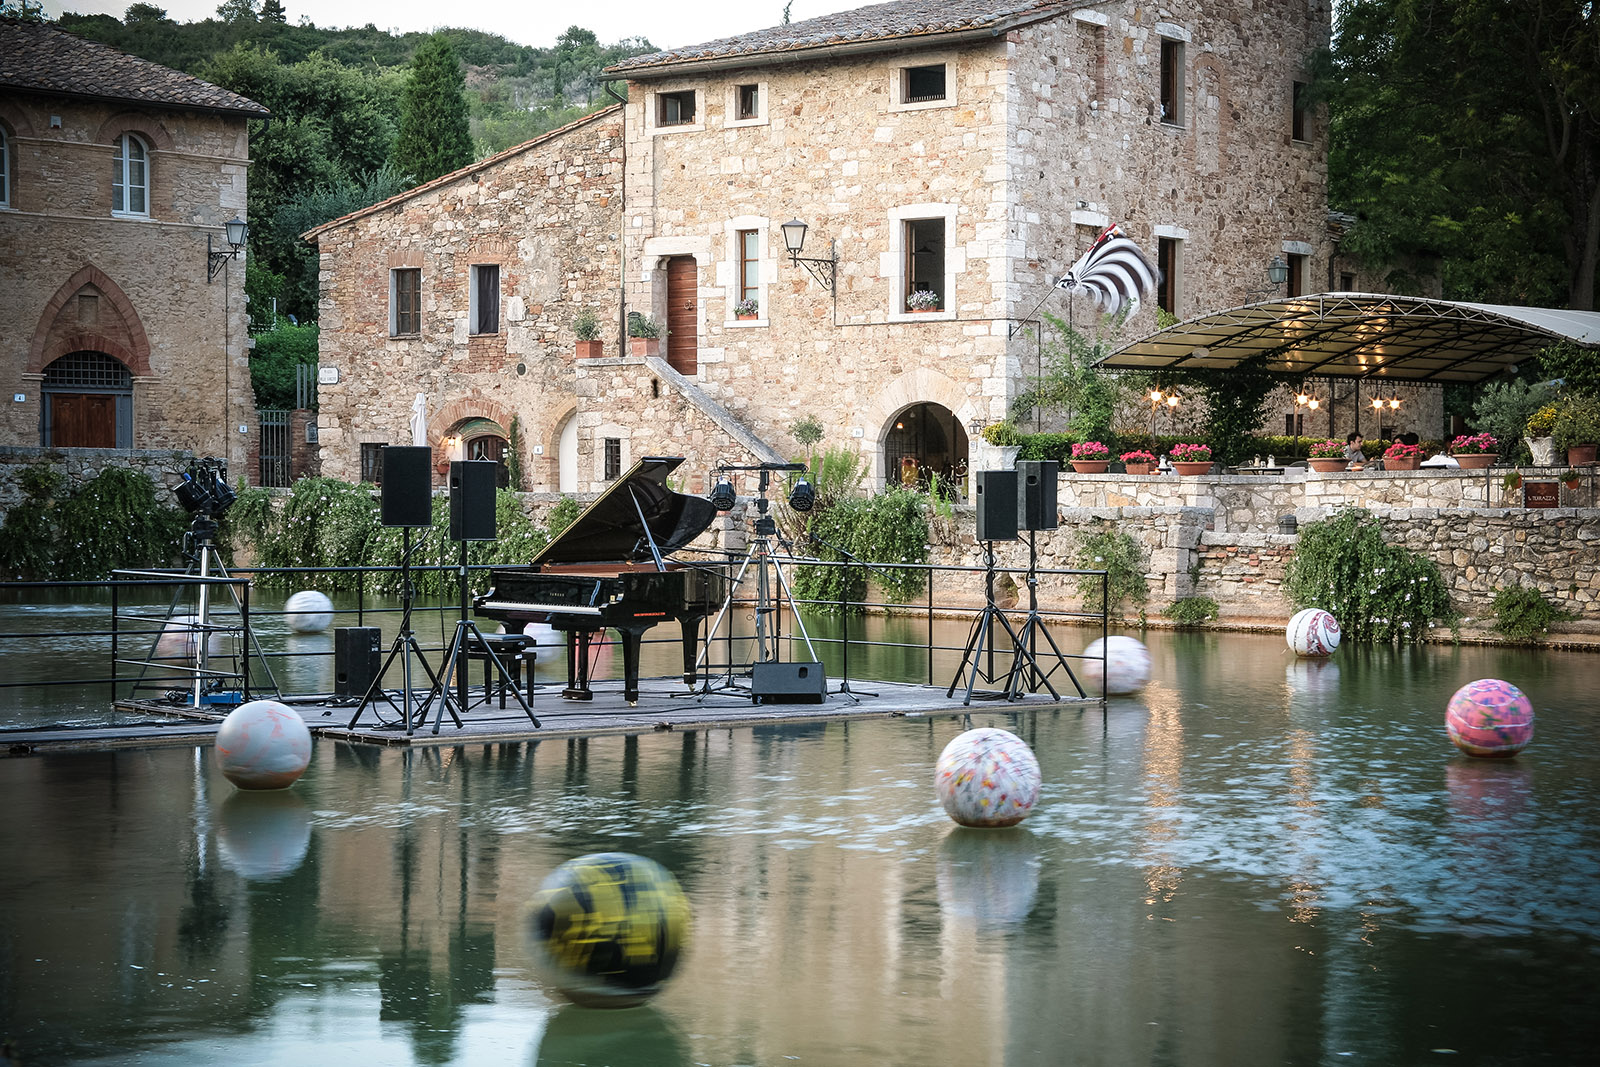 Concerto bagno vignoni cantina del giusto - Il loggiato bagno vignoni ...